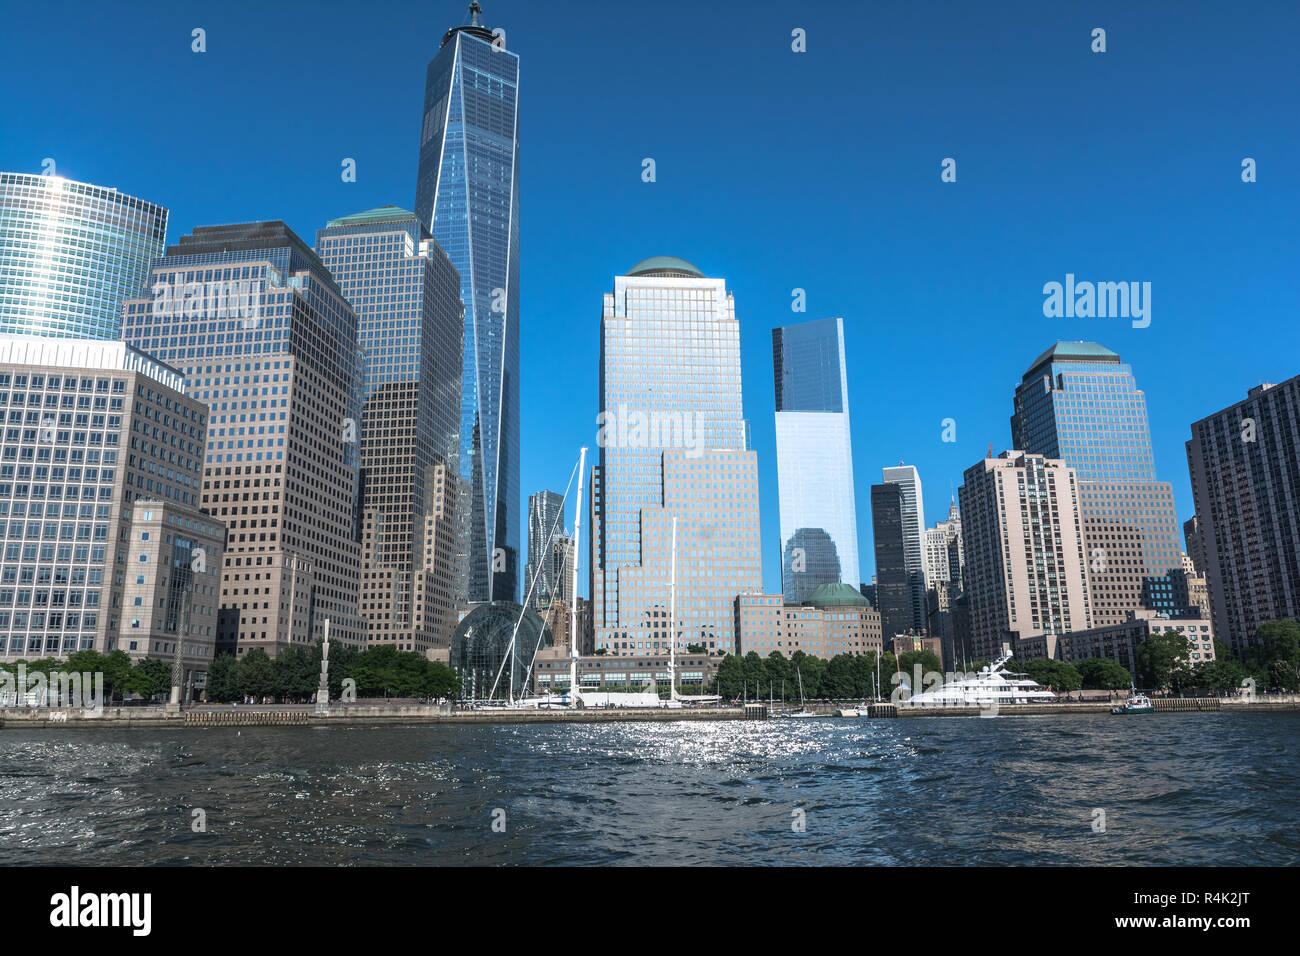 Blick auf die Wolkenkratzer von Tribeca vom Hudson River, Manhattan, NYC Stockbild